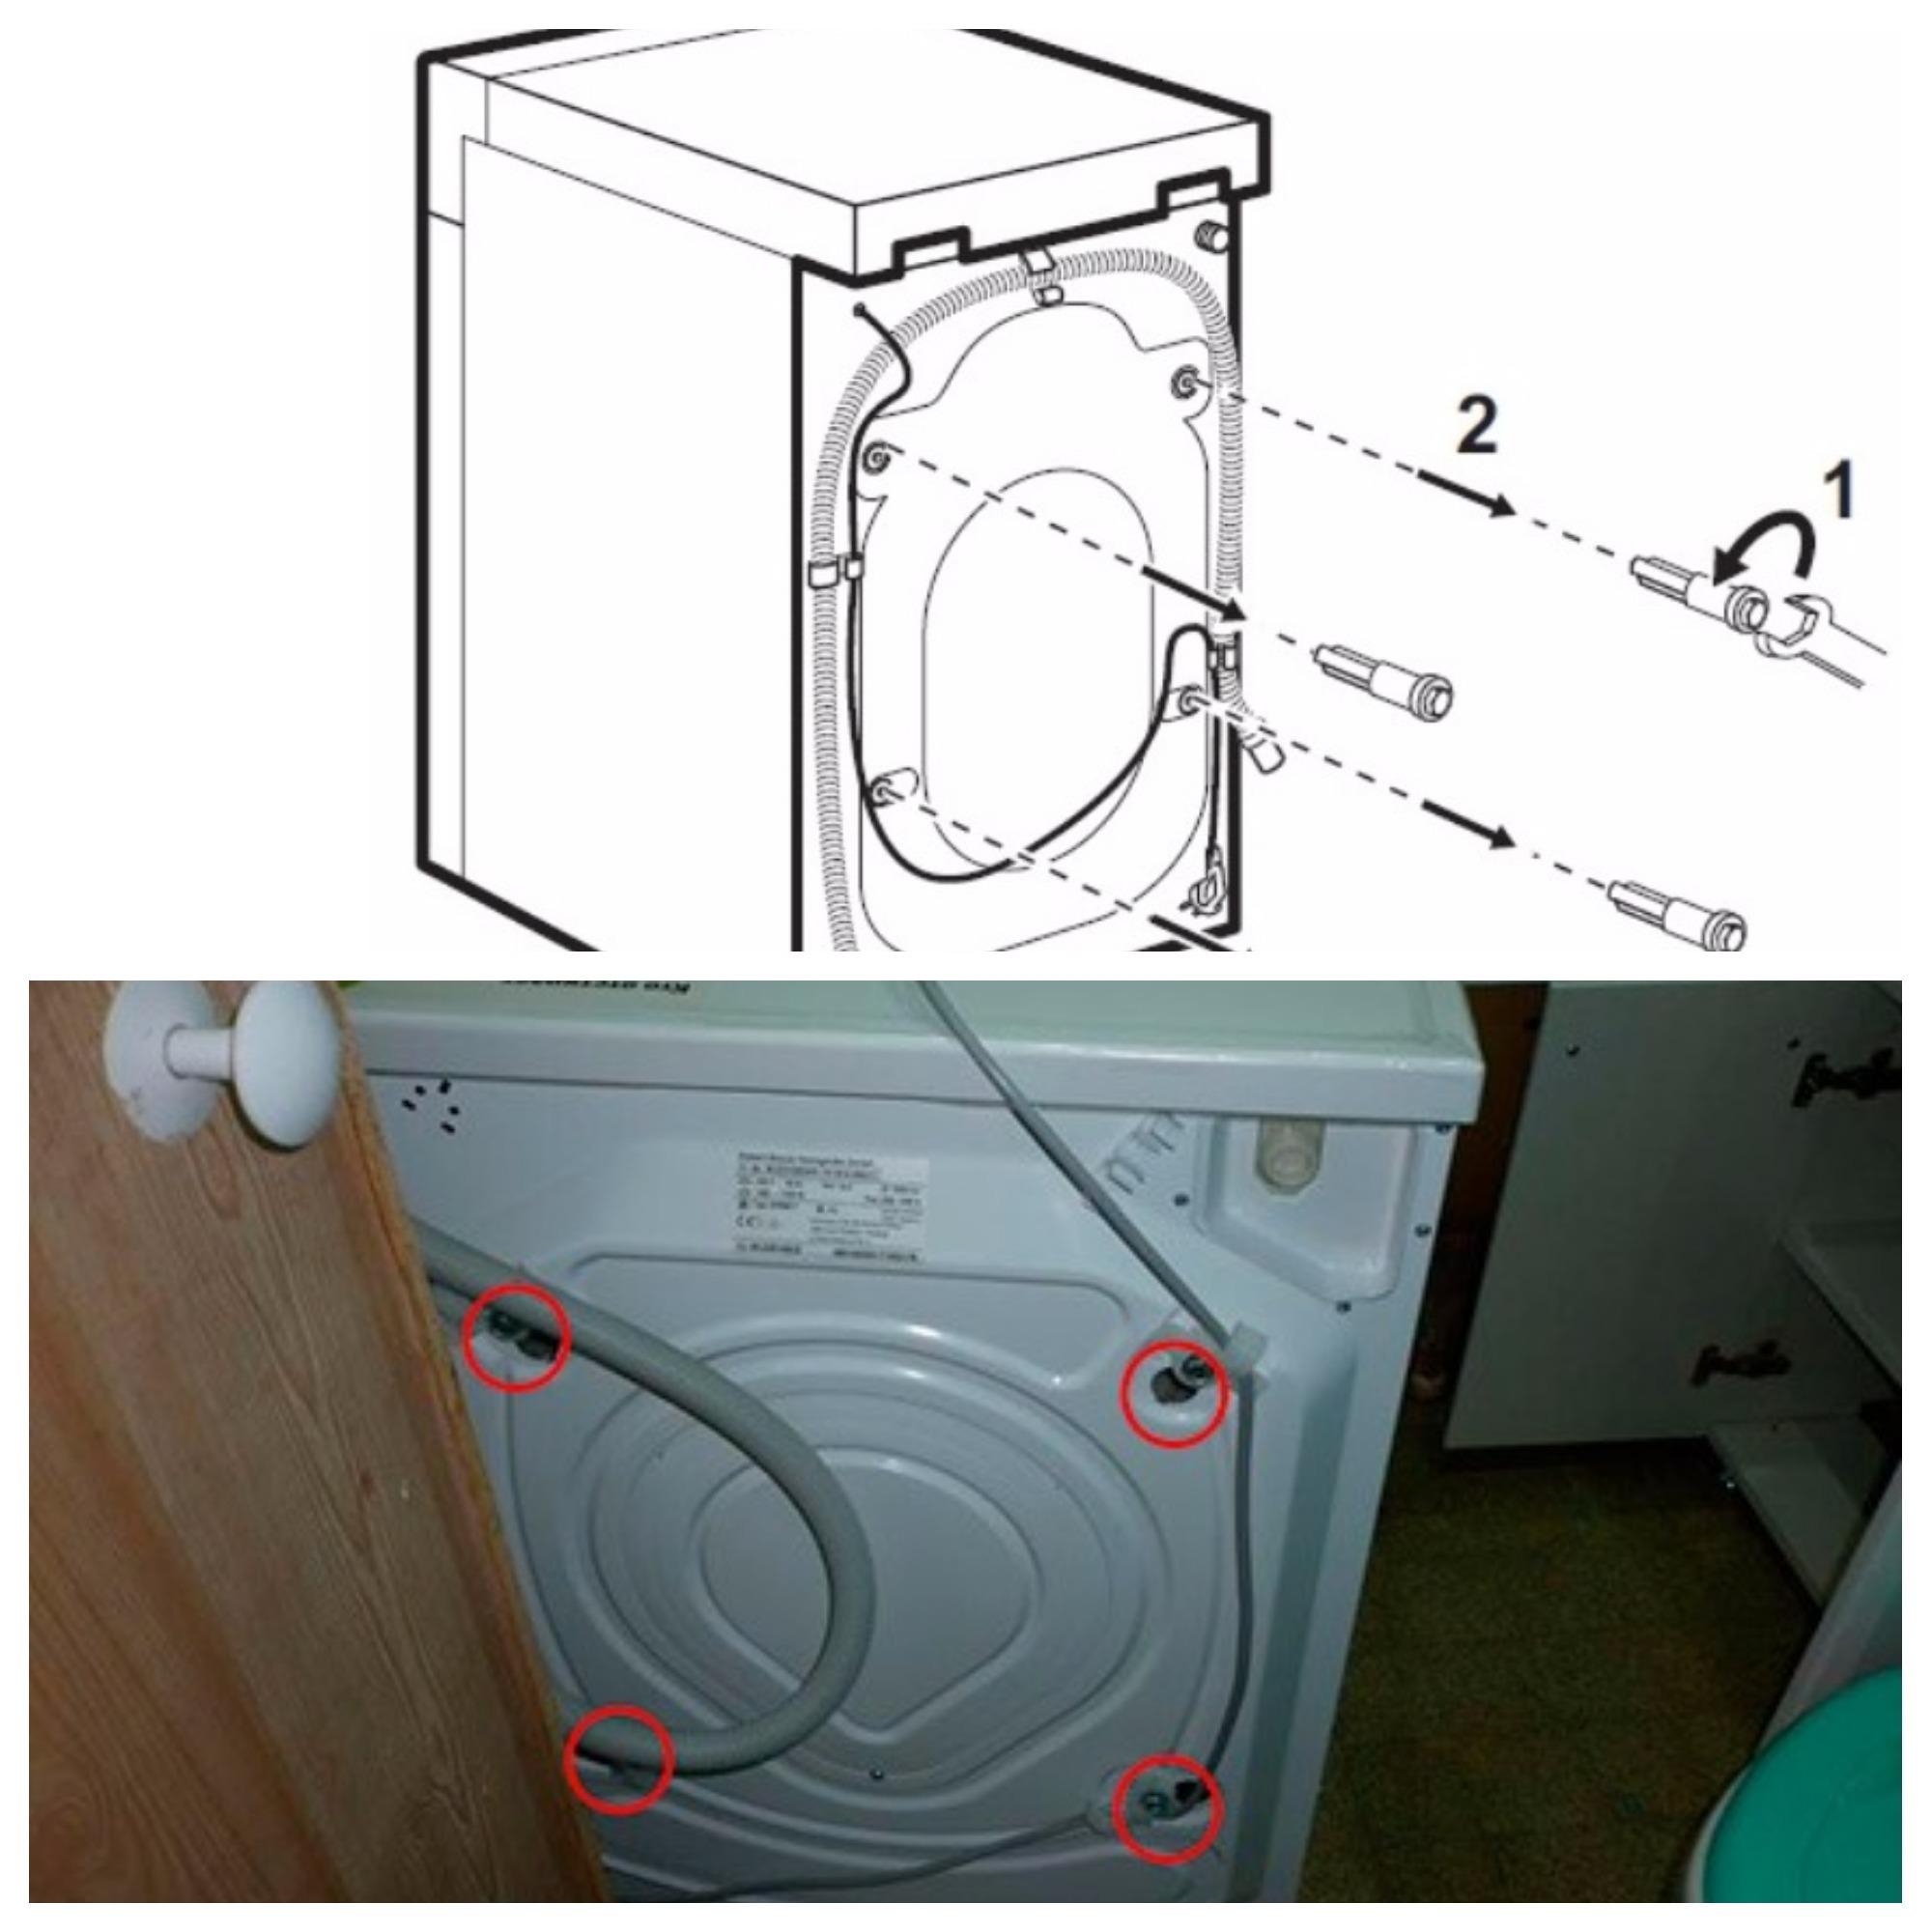 Подключение стиральной машины к водопроводу и канализации самостоятельно, быстро и качественно